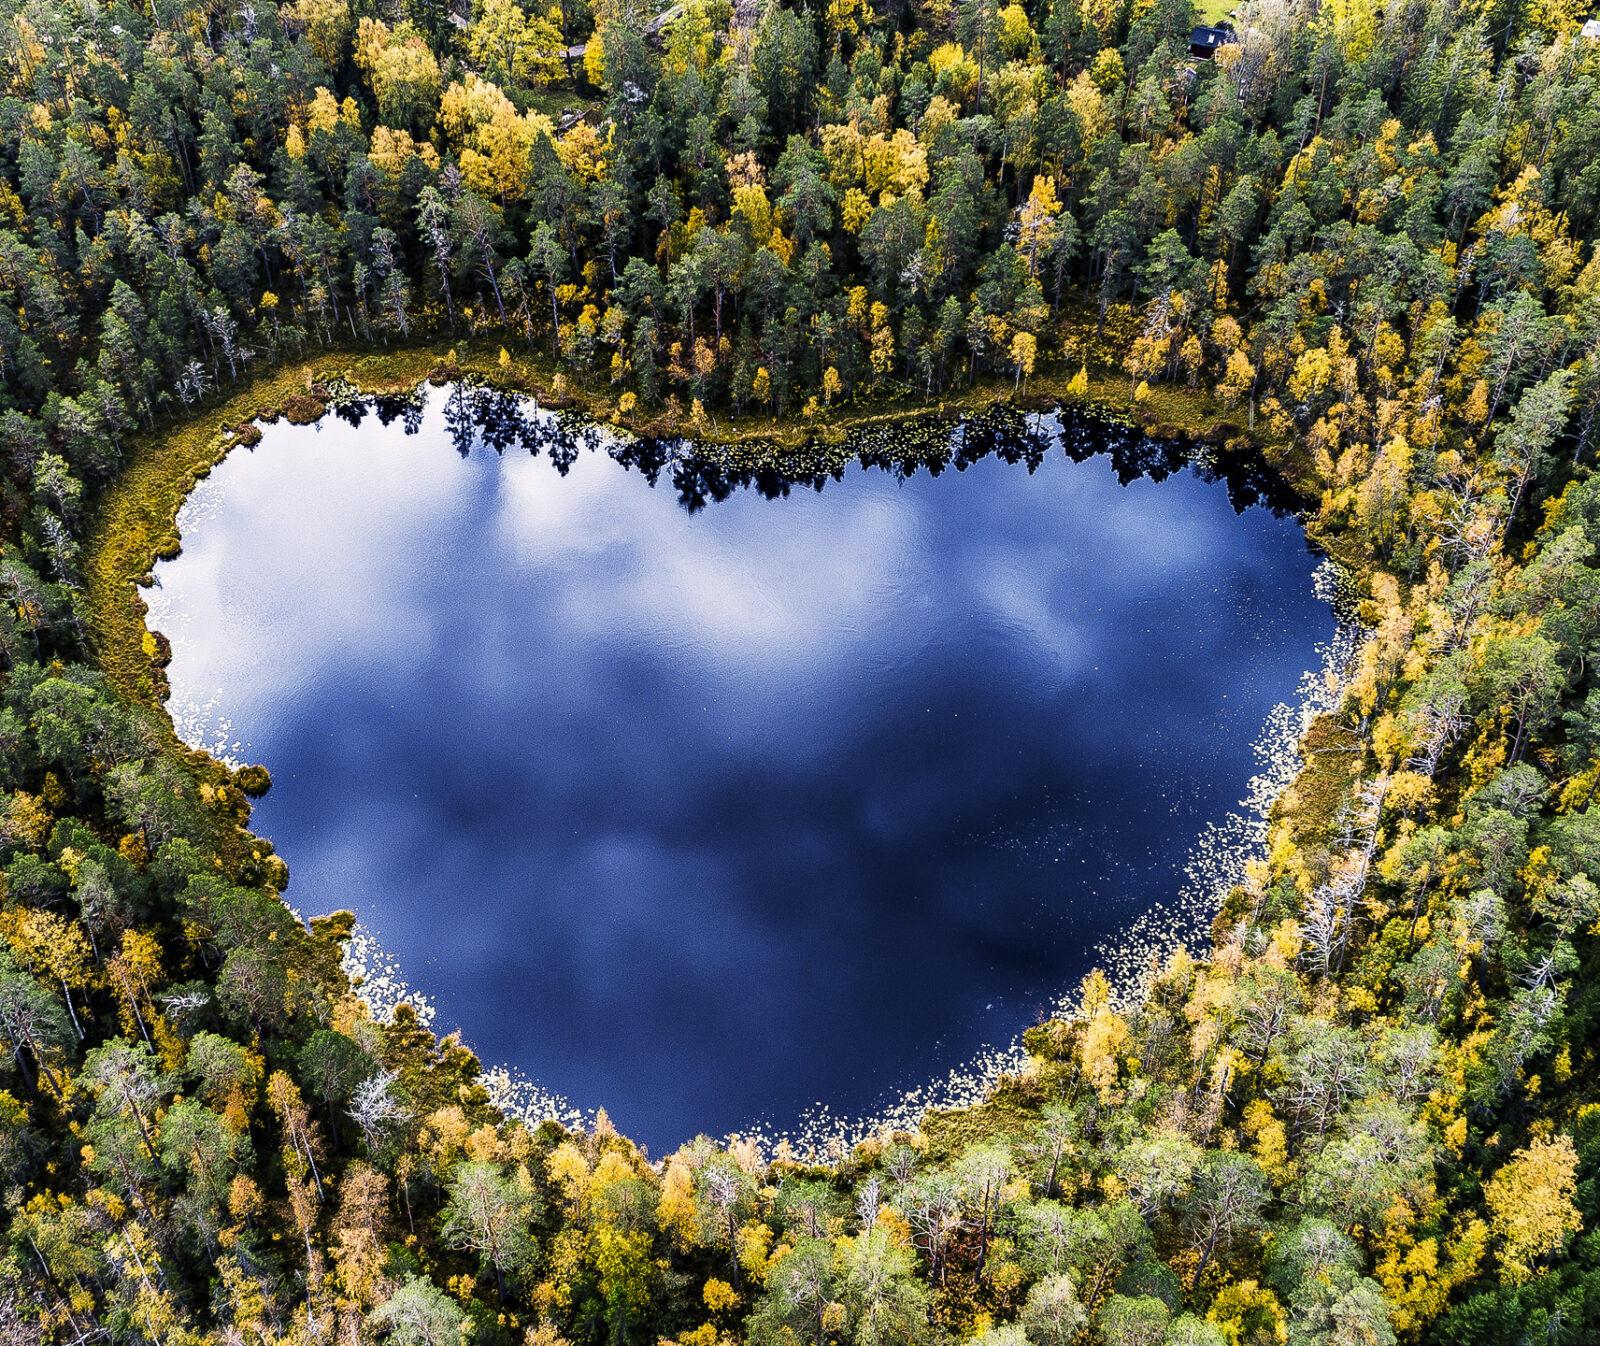 skog,vatten,höst,träd,grön,gul,blå